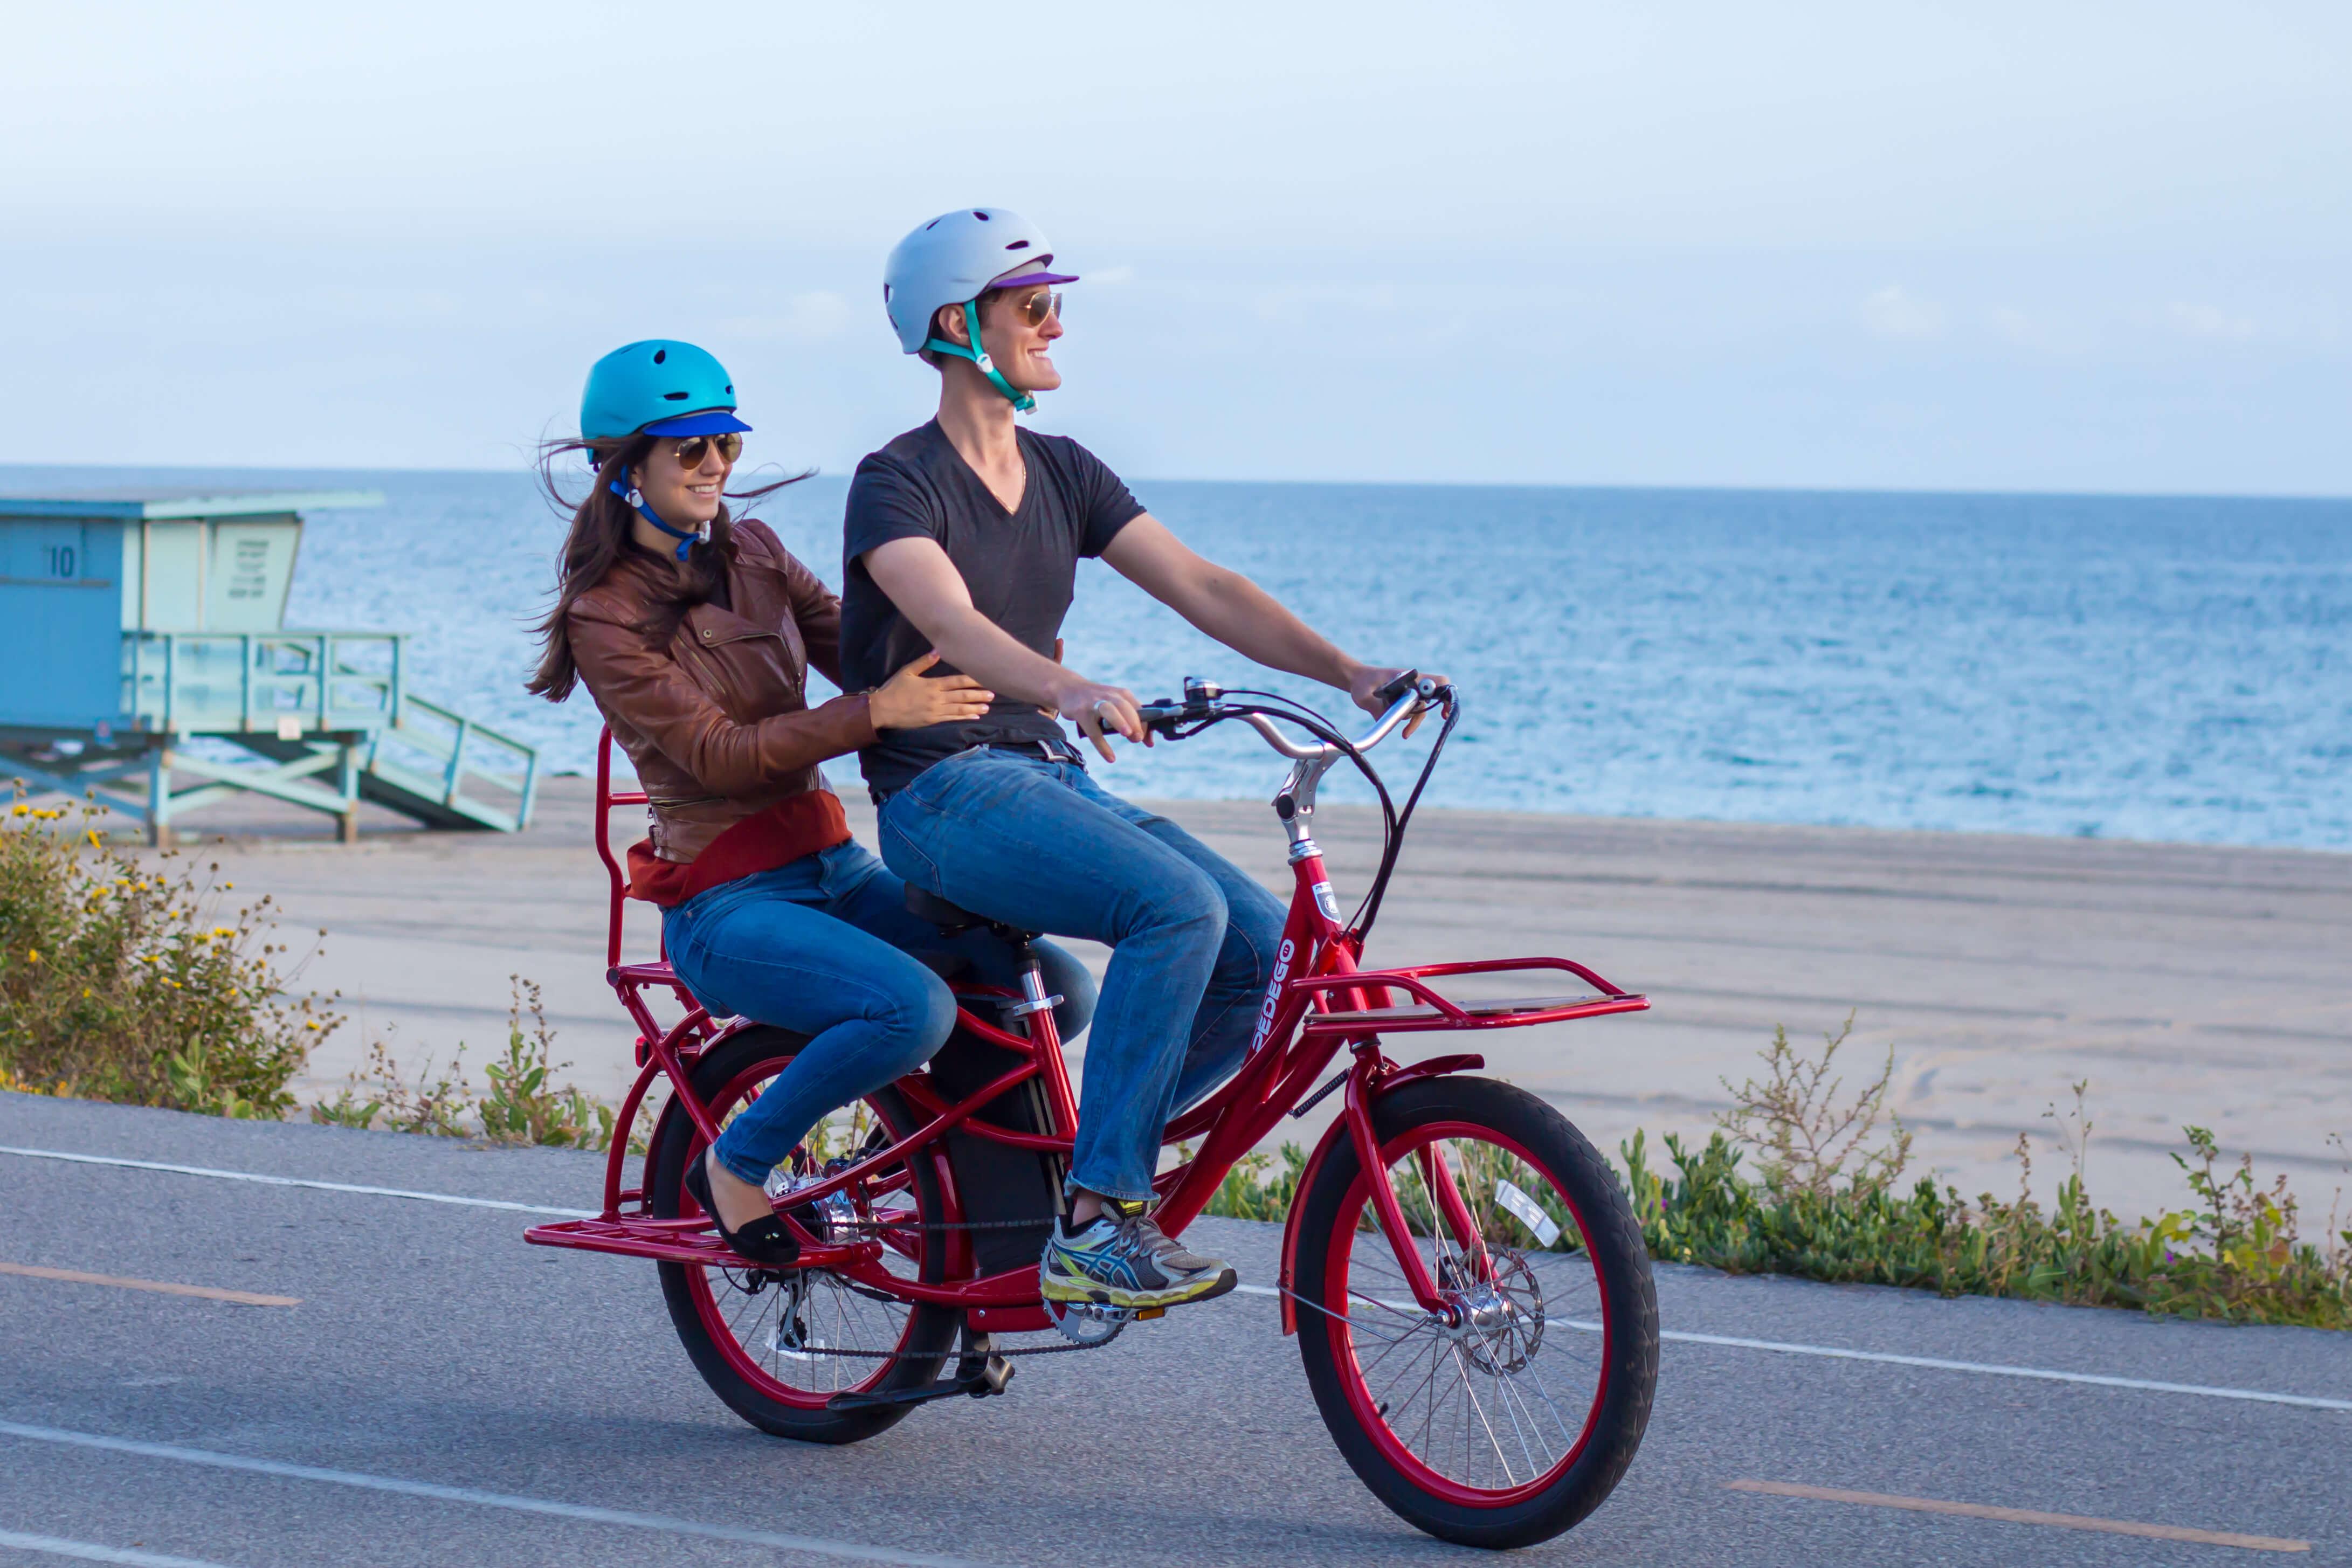 Pedego Introduces A Superhero Bike The Stretch Cargo Pedego